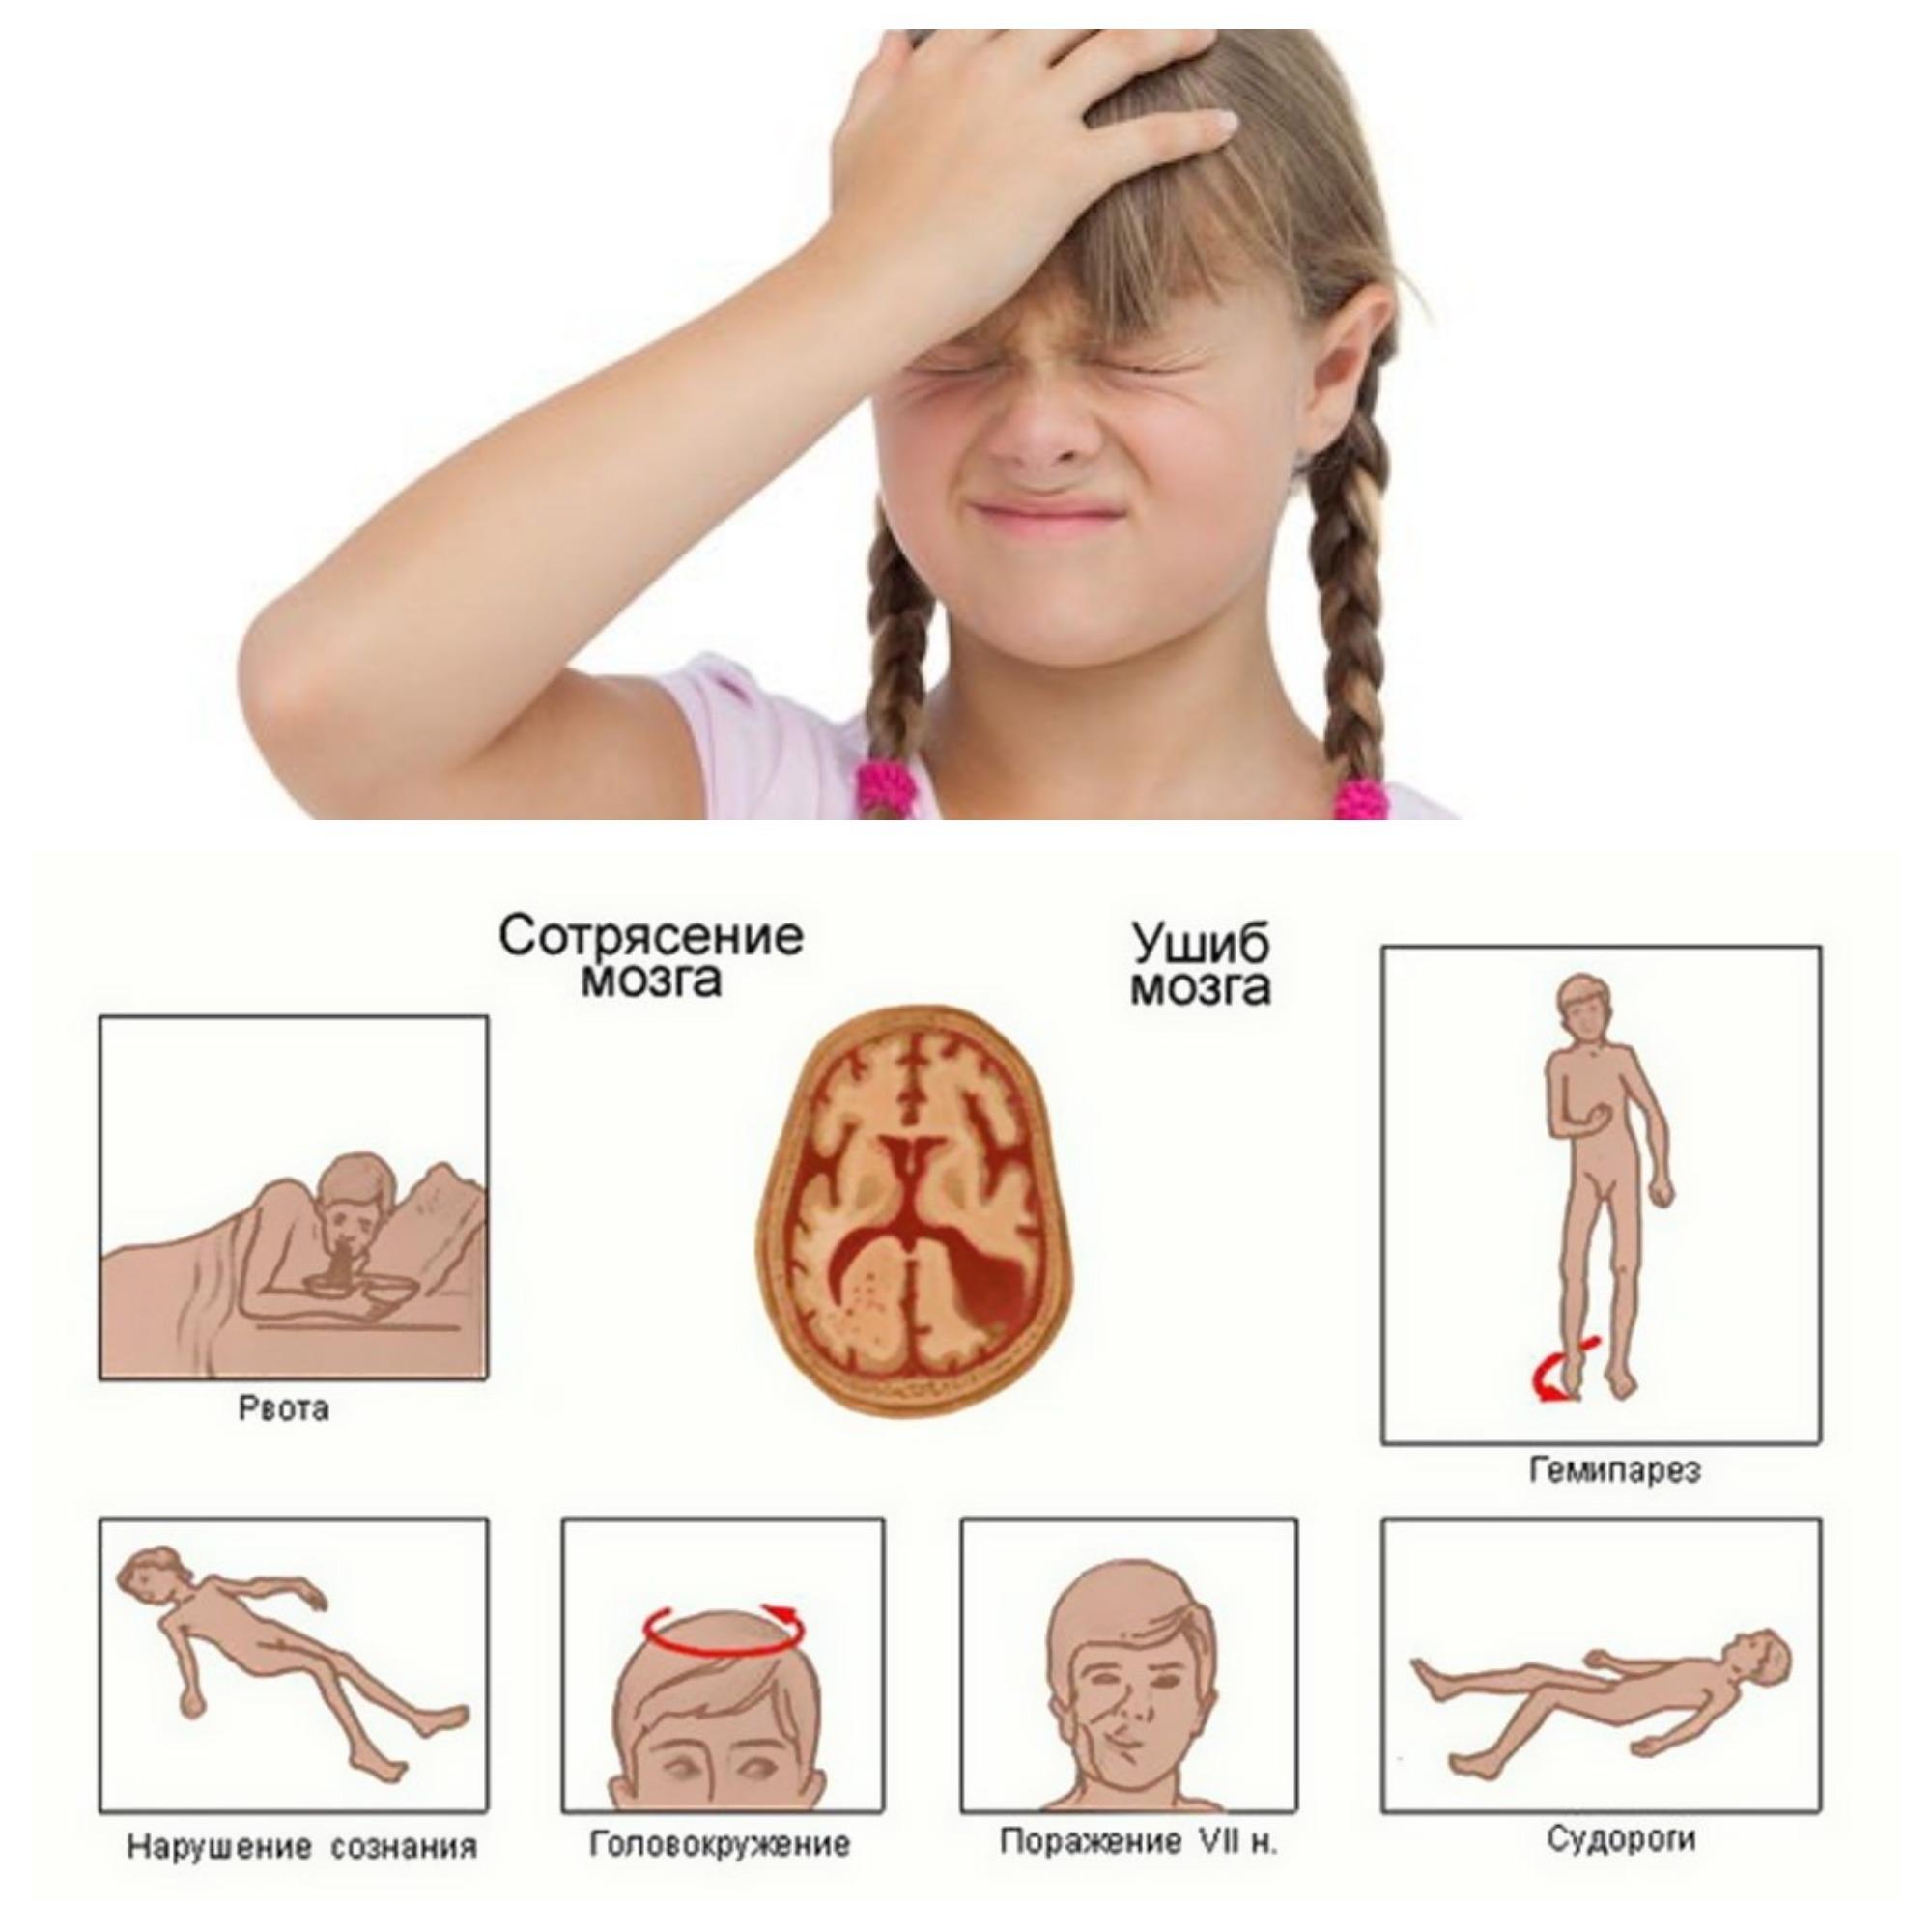 Ребенок часто моргает глазами - причины, лечение и профилактика!